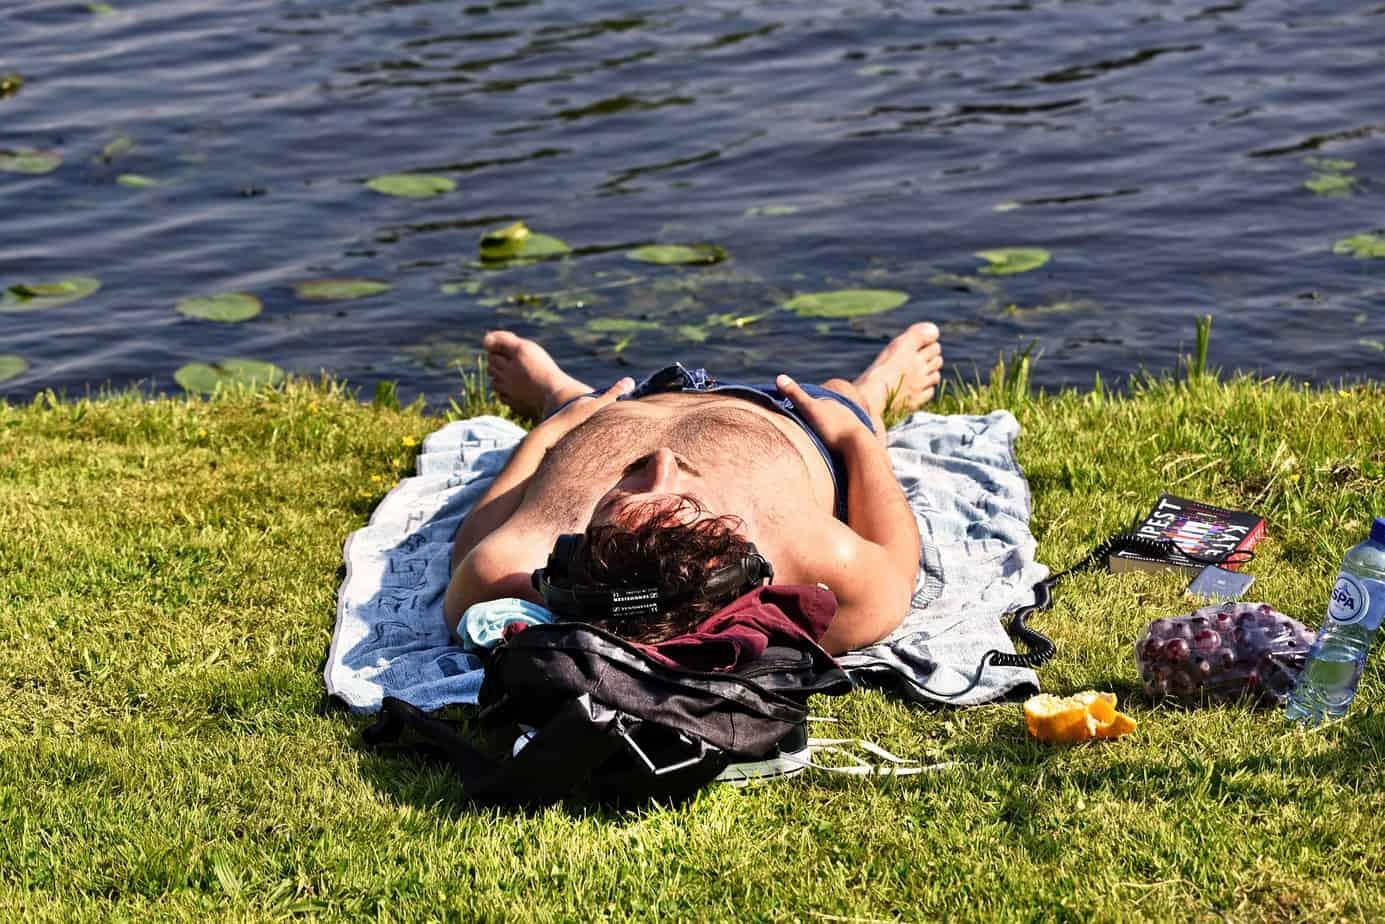 exposition au soleil pour booster la melatonine remede insomnie